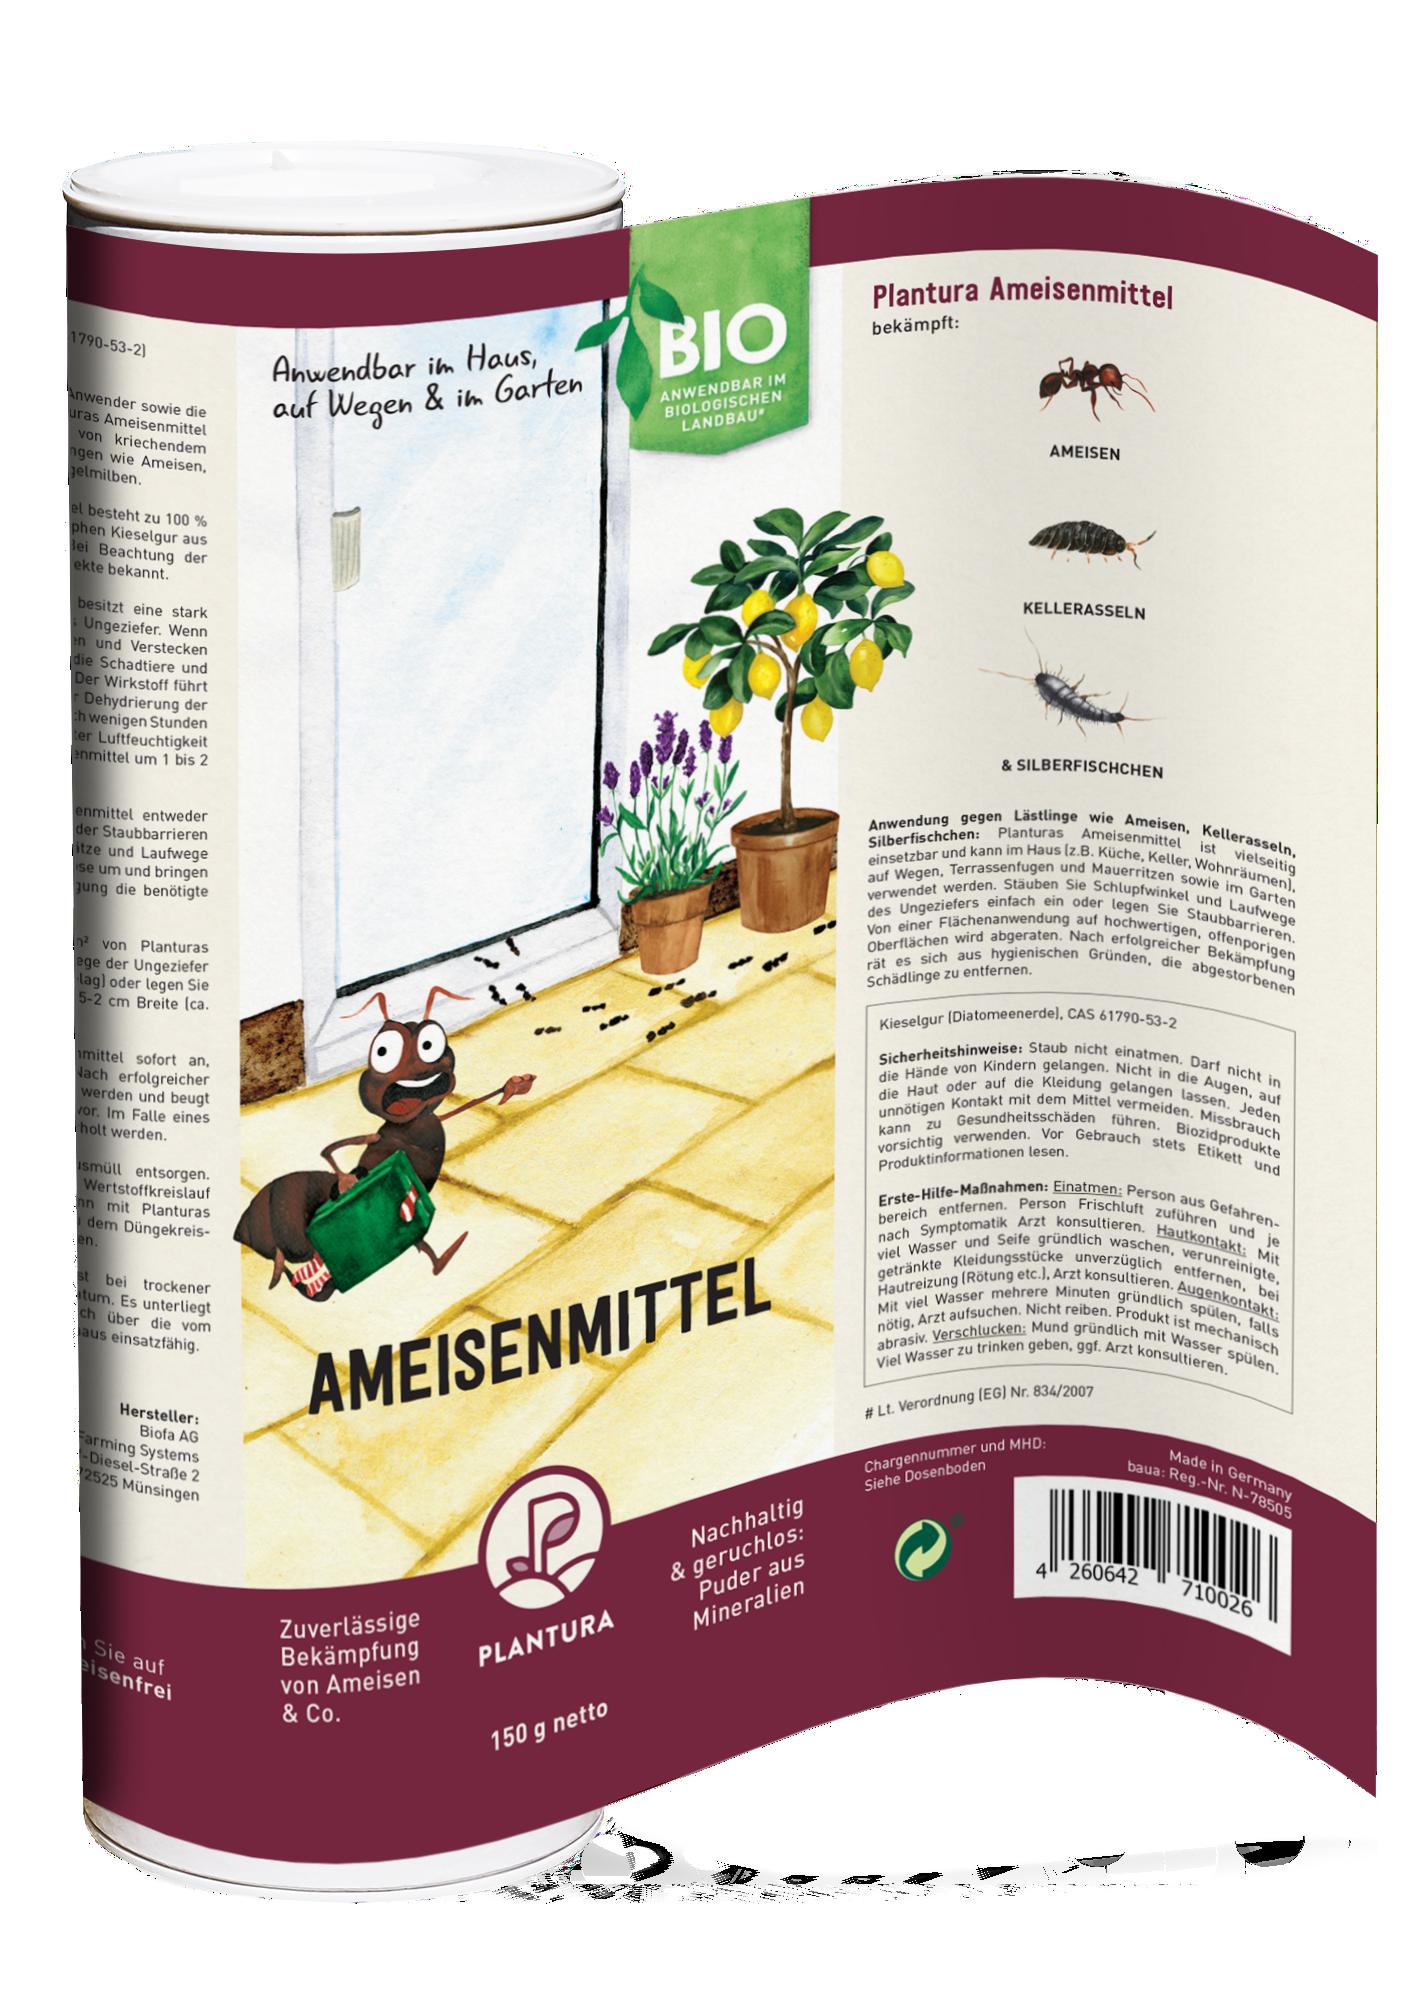 Plantura Ameisenmittel